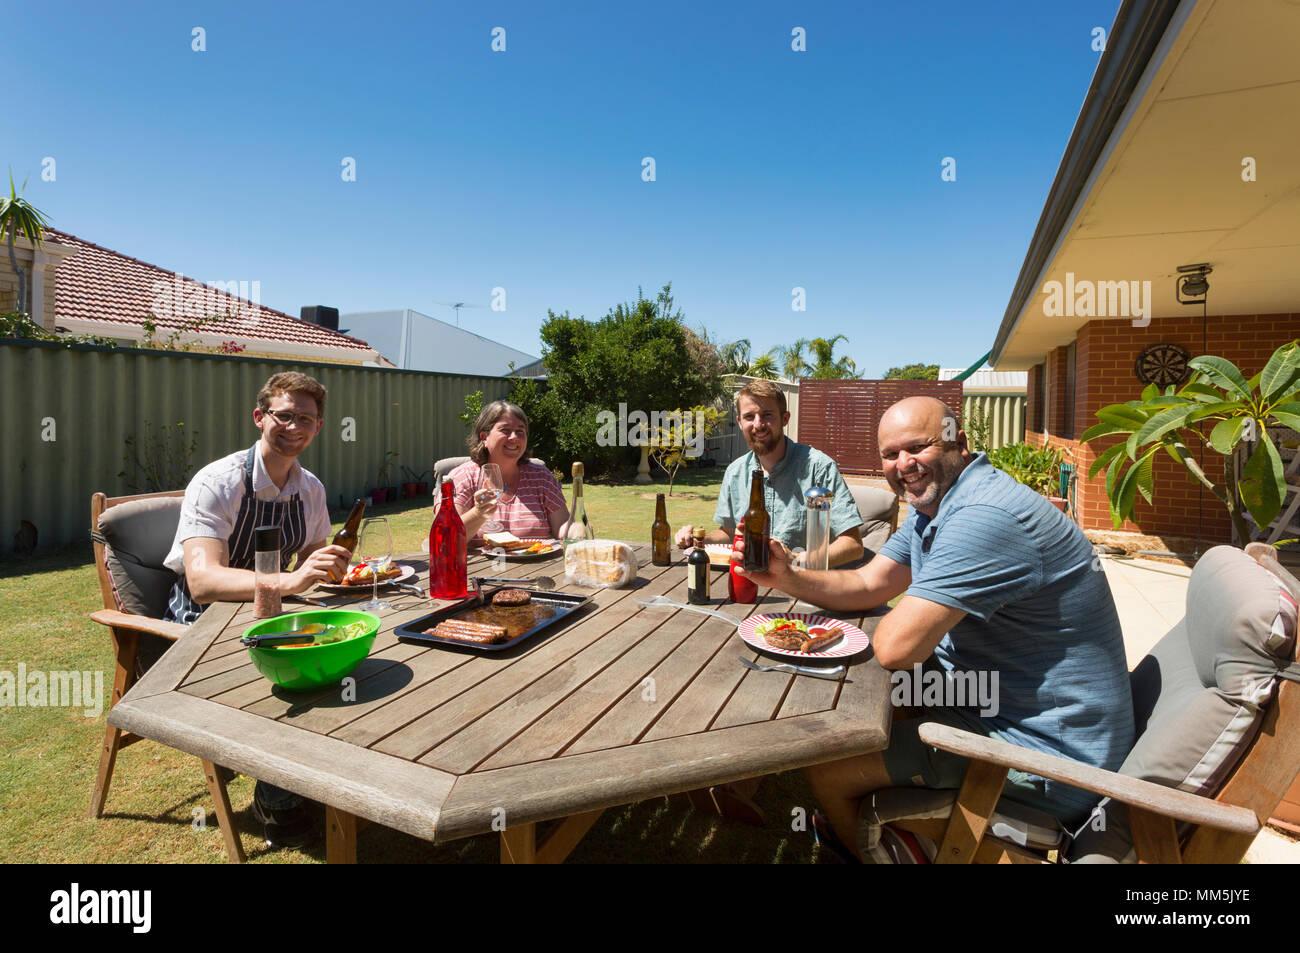 Un grupo de personas para cenar al aire libre con comida de barbacoa. Imagen De Stock